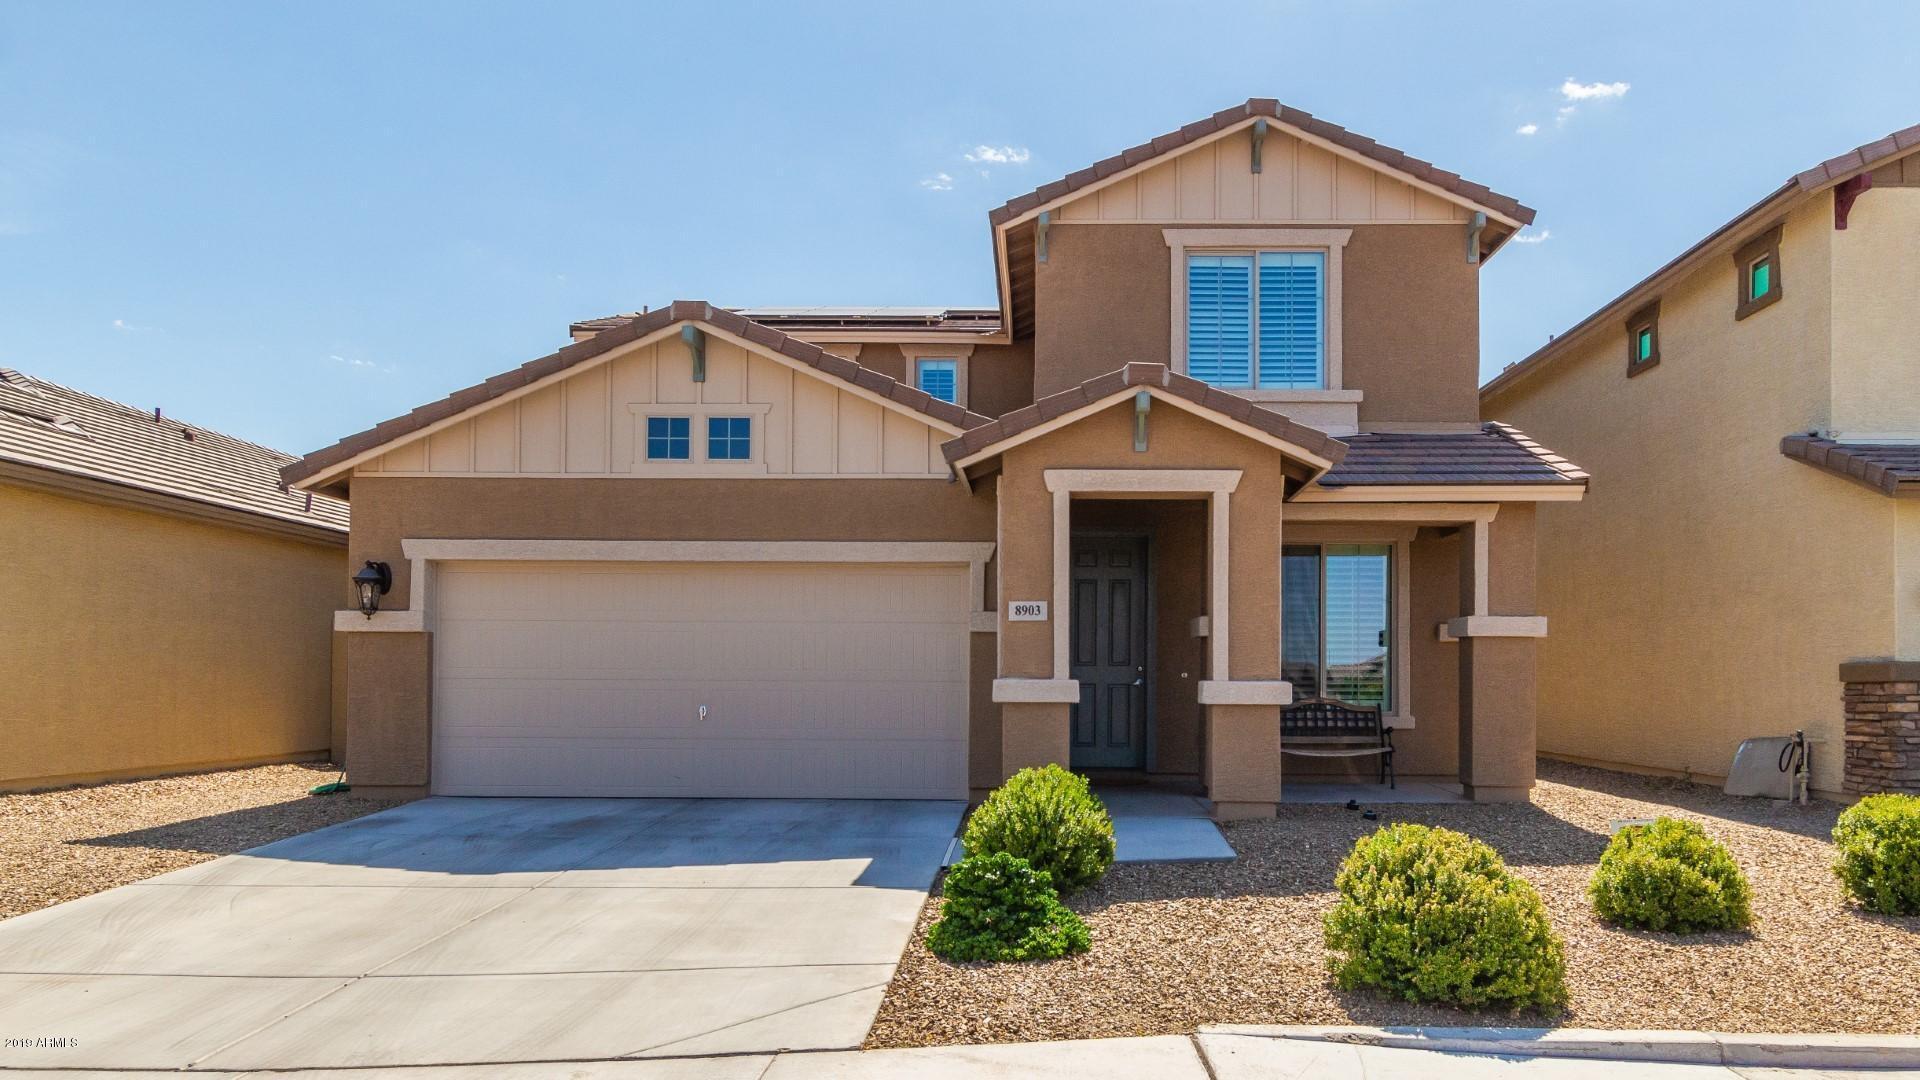 8903 N 101ST Drive, Peoria, Arizona